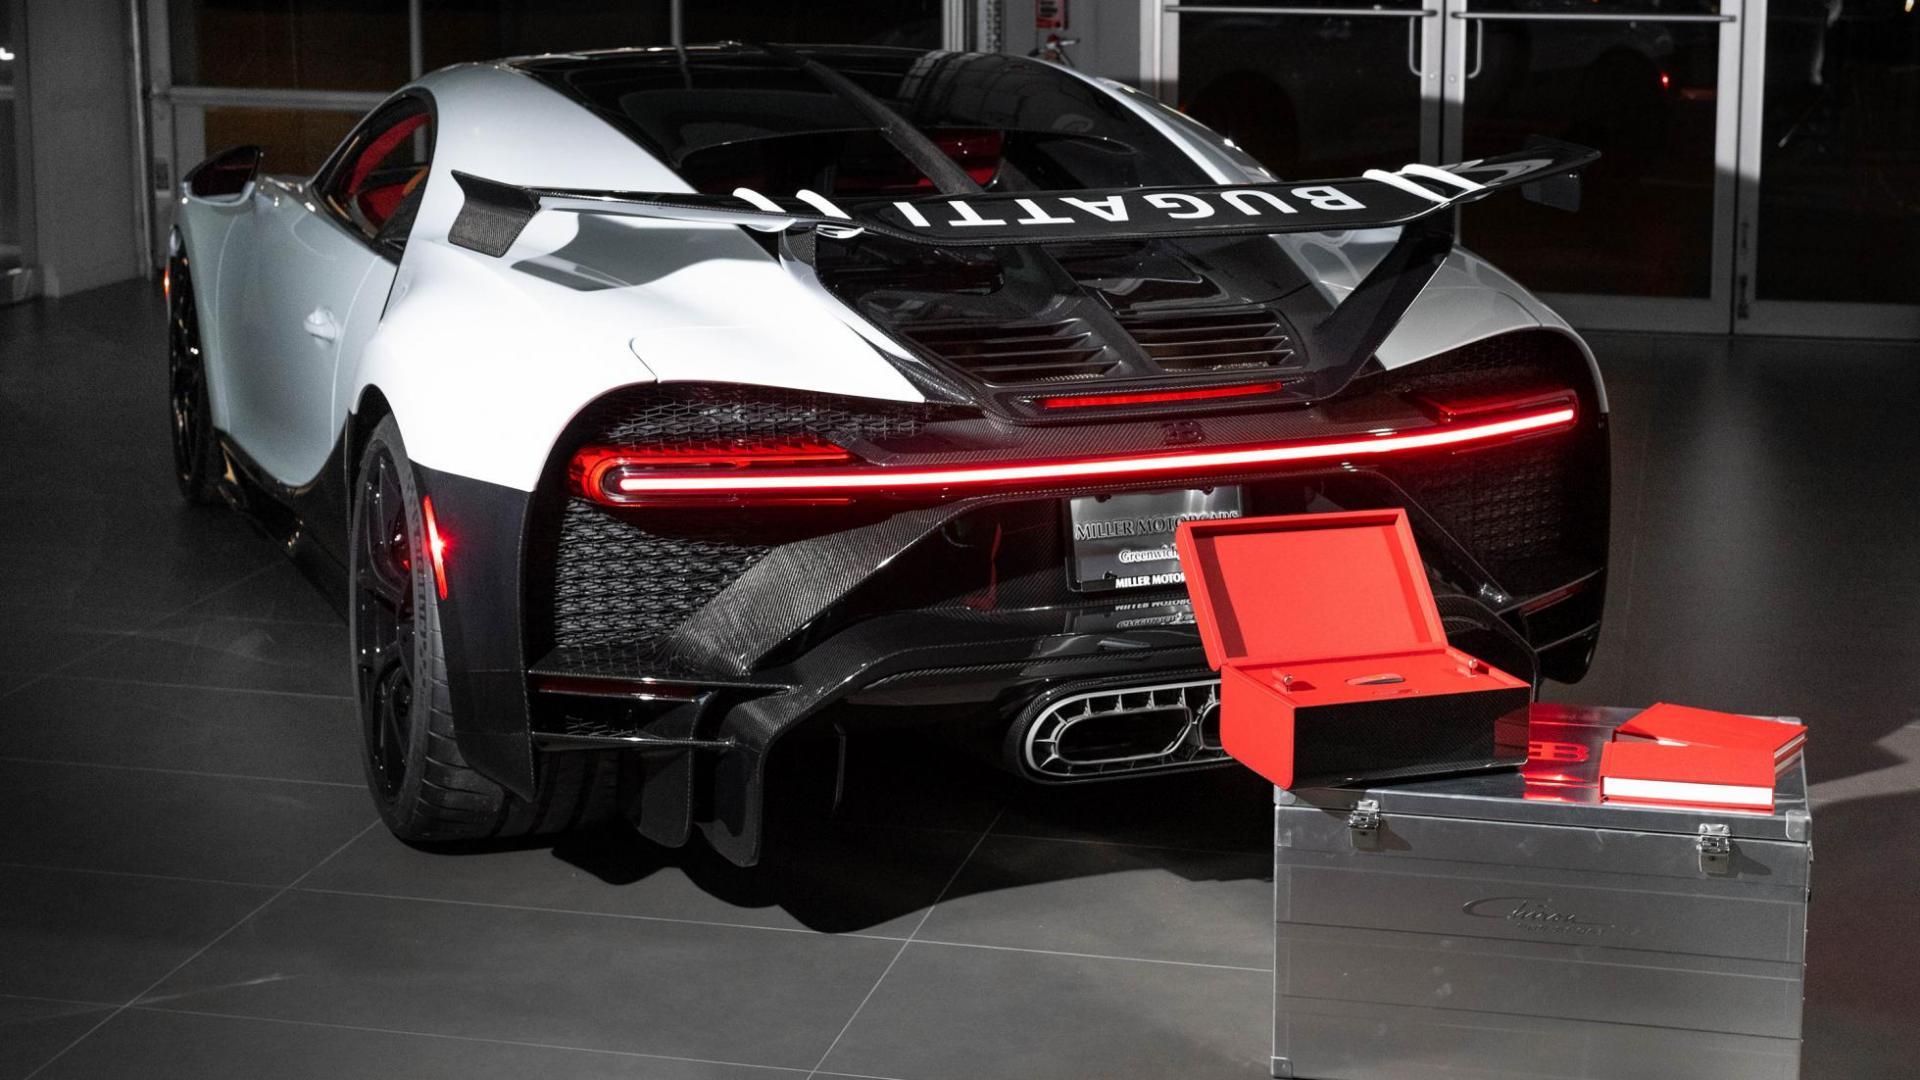 Aflvering eerste Bugatti Chiron Pur Sport met doos en kist